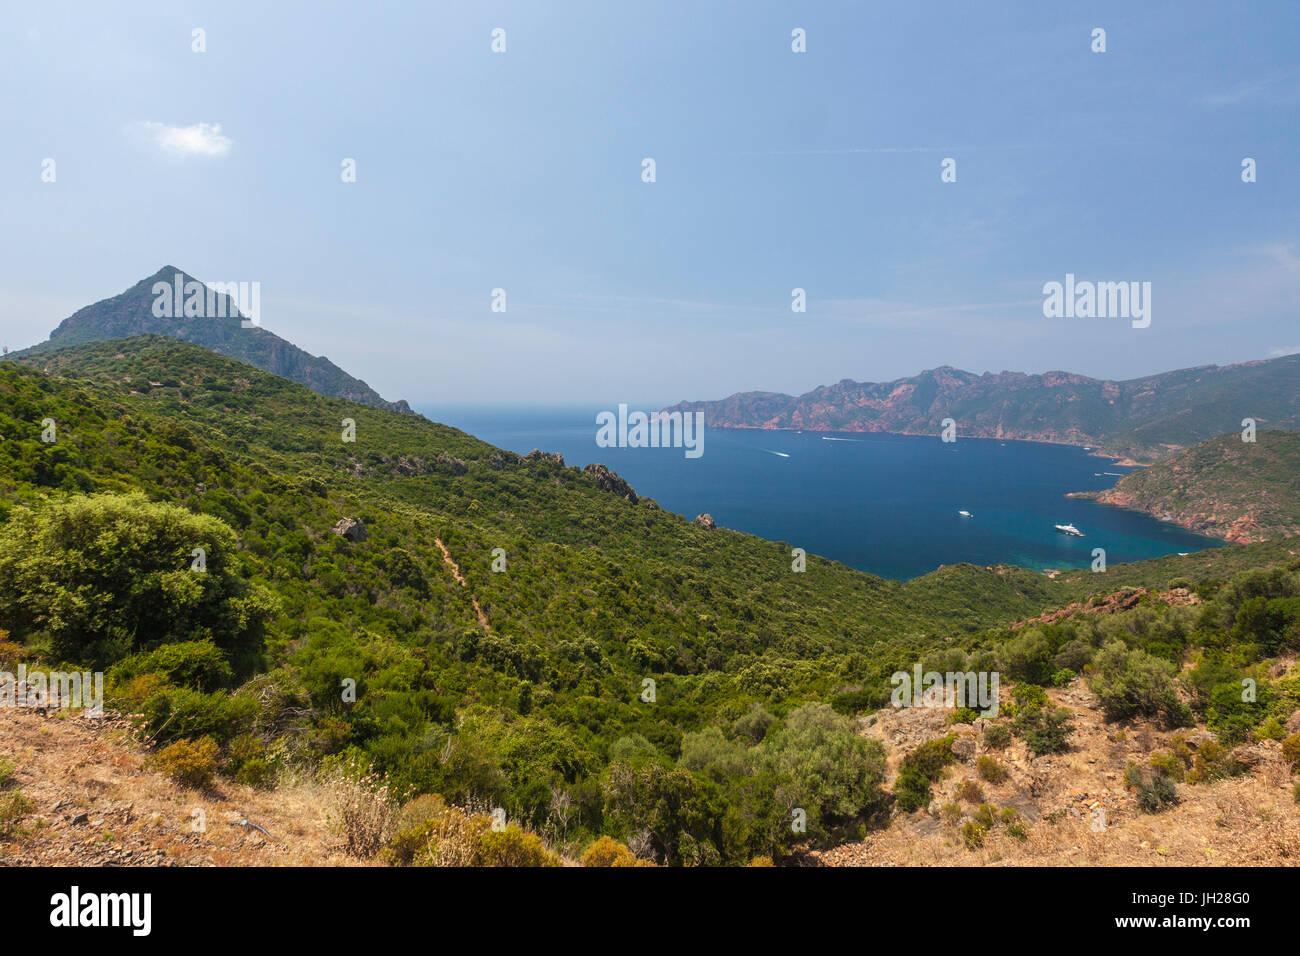 Vue de dessus de la mer turquoise et la baie encadrée par de la végétation verte sur le promontoire, Photo Stock